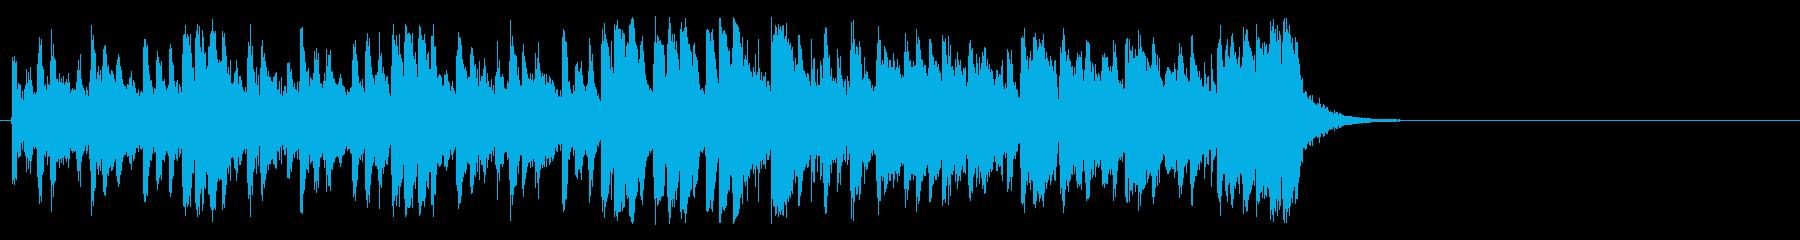 活気あふれるポップ(イントロ)の再生済みの波形